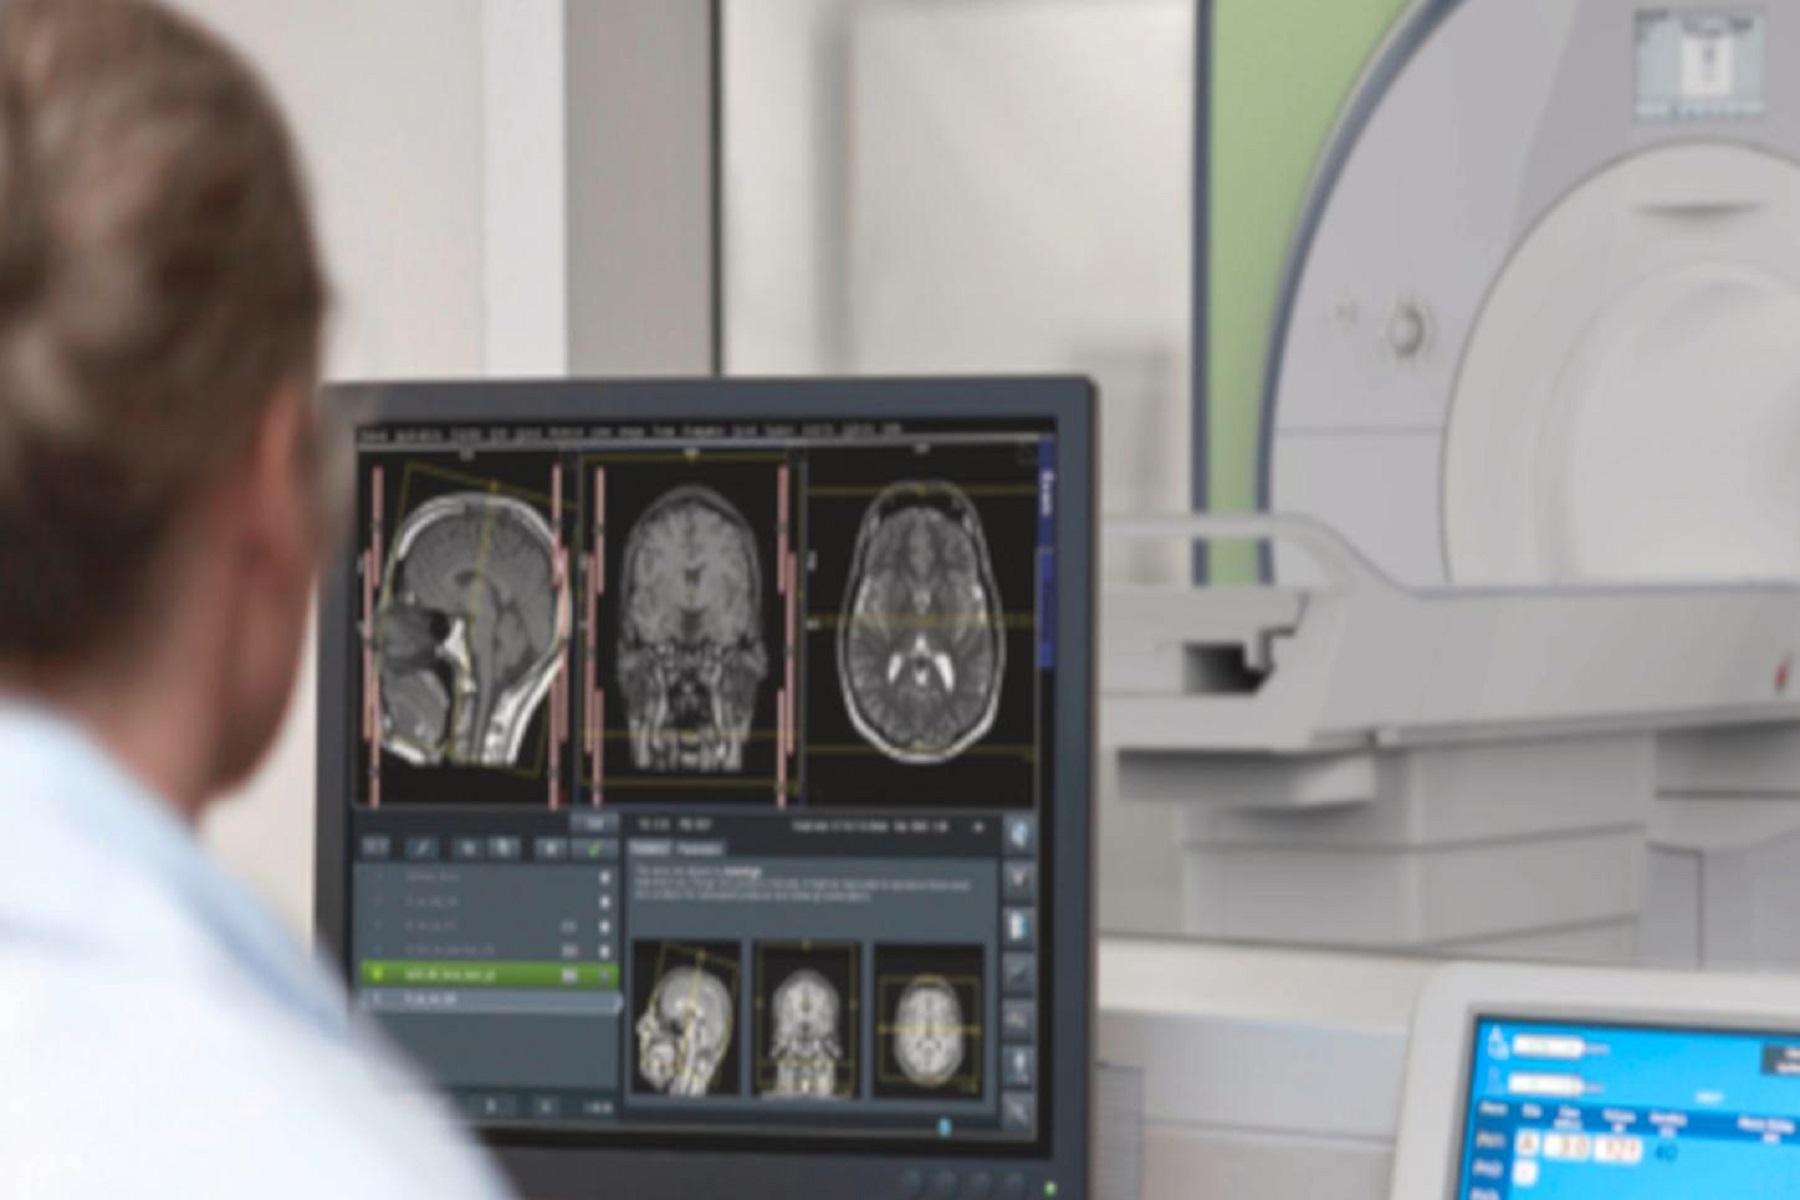 Μαγνητική Τομογραφία: Νέα μορφή σάρωσης υπόσχεται ταχύτερη προσέγγιση στη διάγνωση ασθενειών